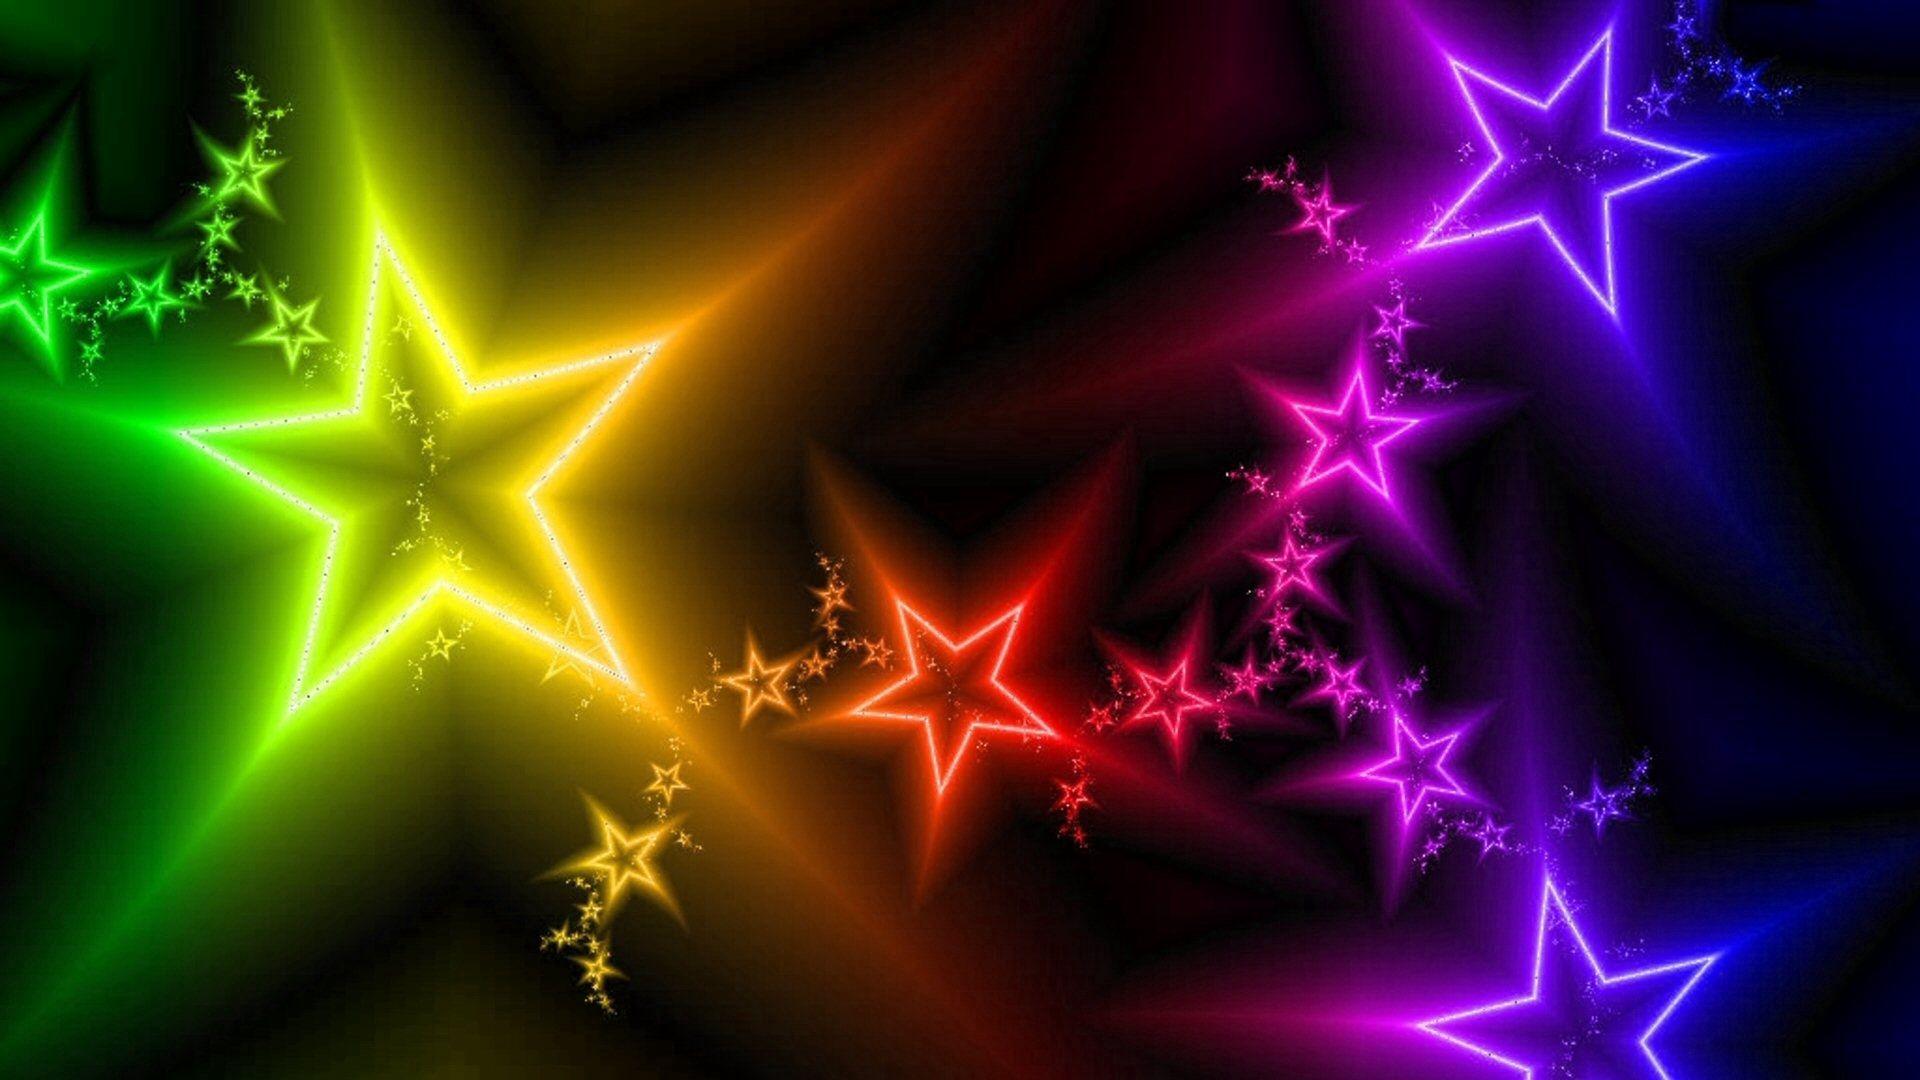 107568 скачать обои Разноцветный, Абстракция, Звезды, Свет - заставки и картинки бесплатно